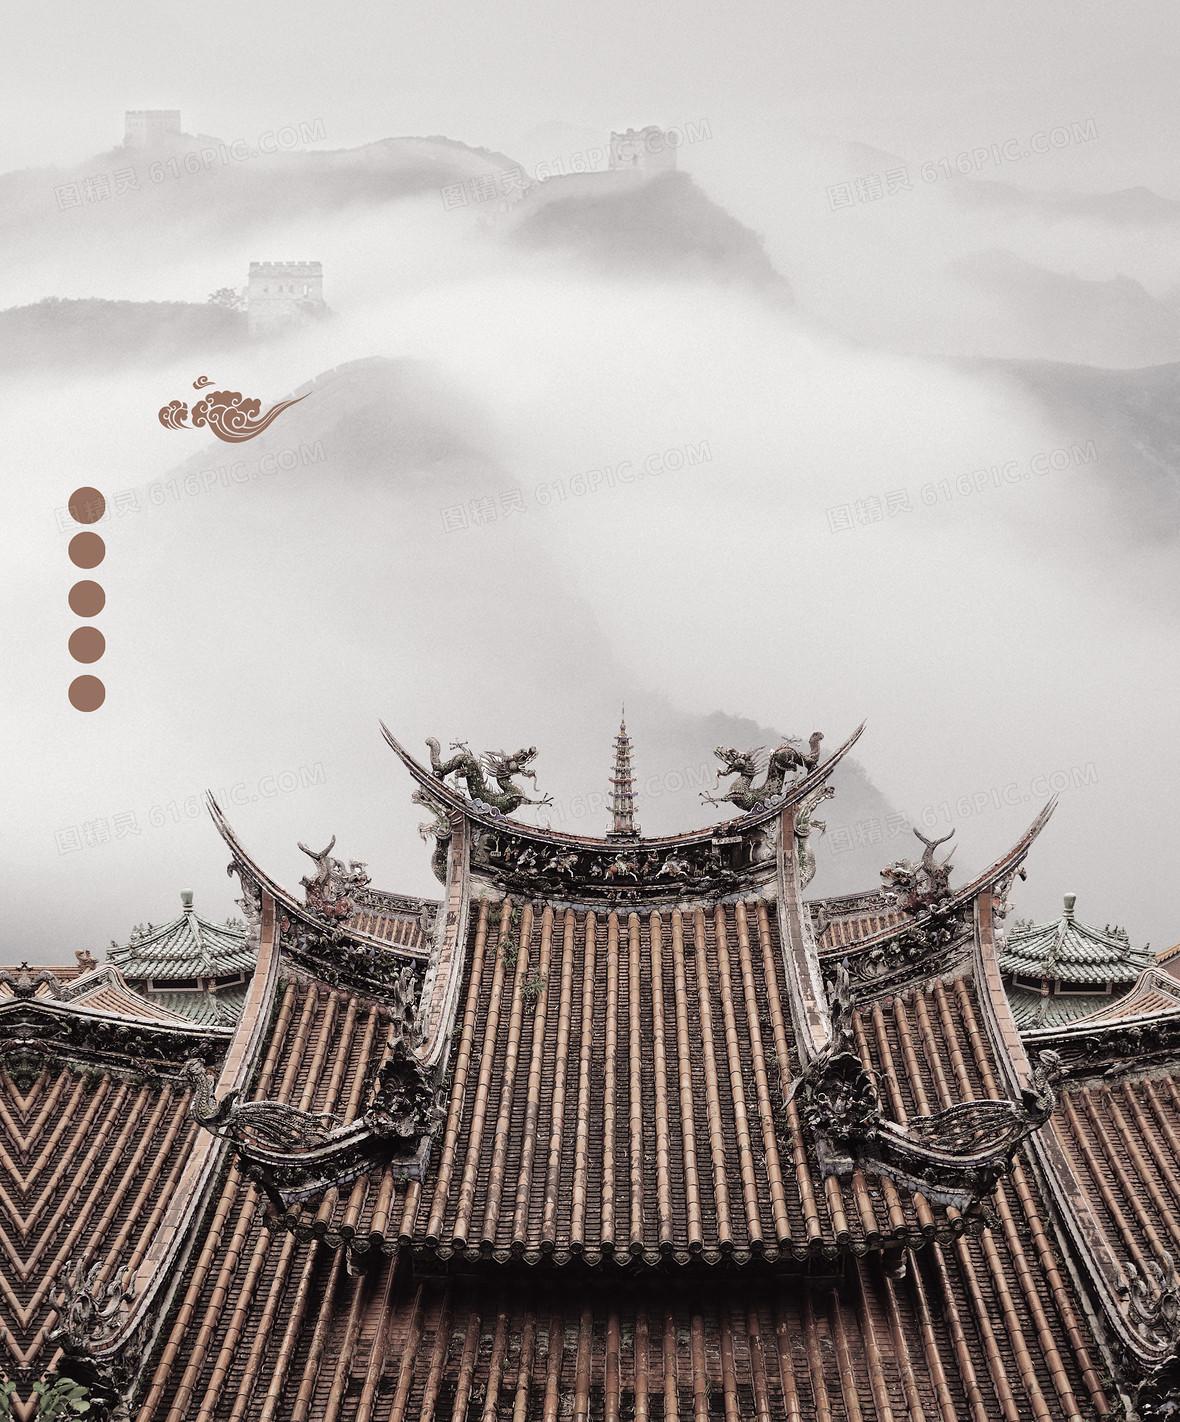 中国风古韵古建筑背景素材